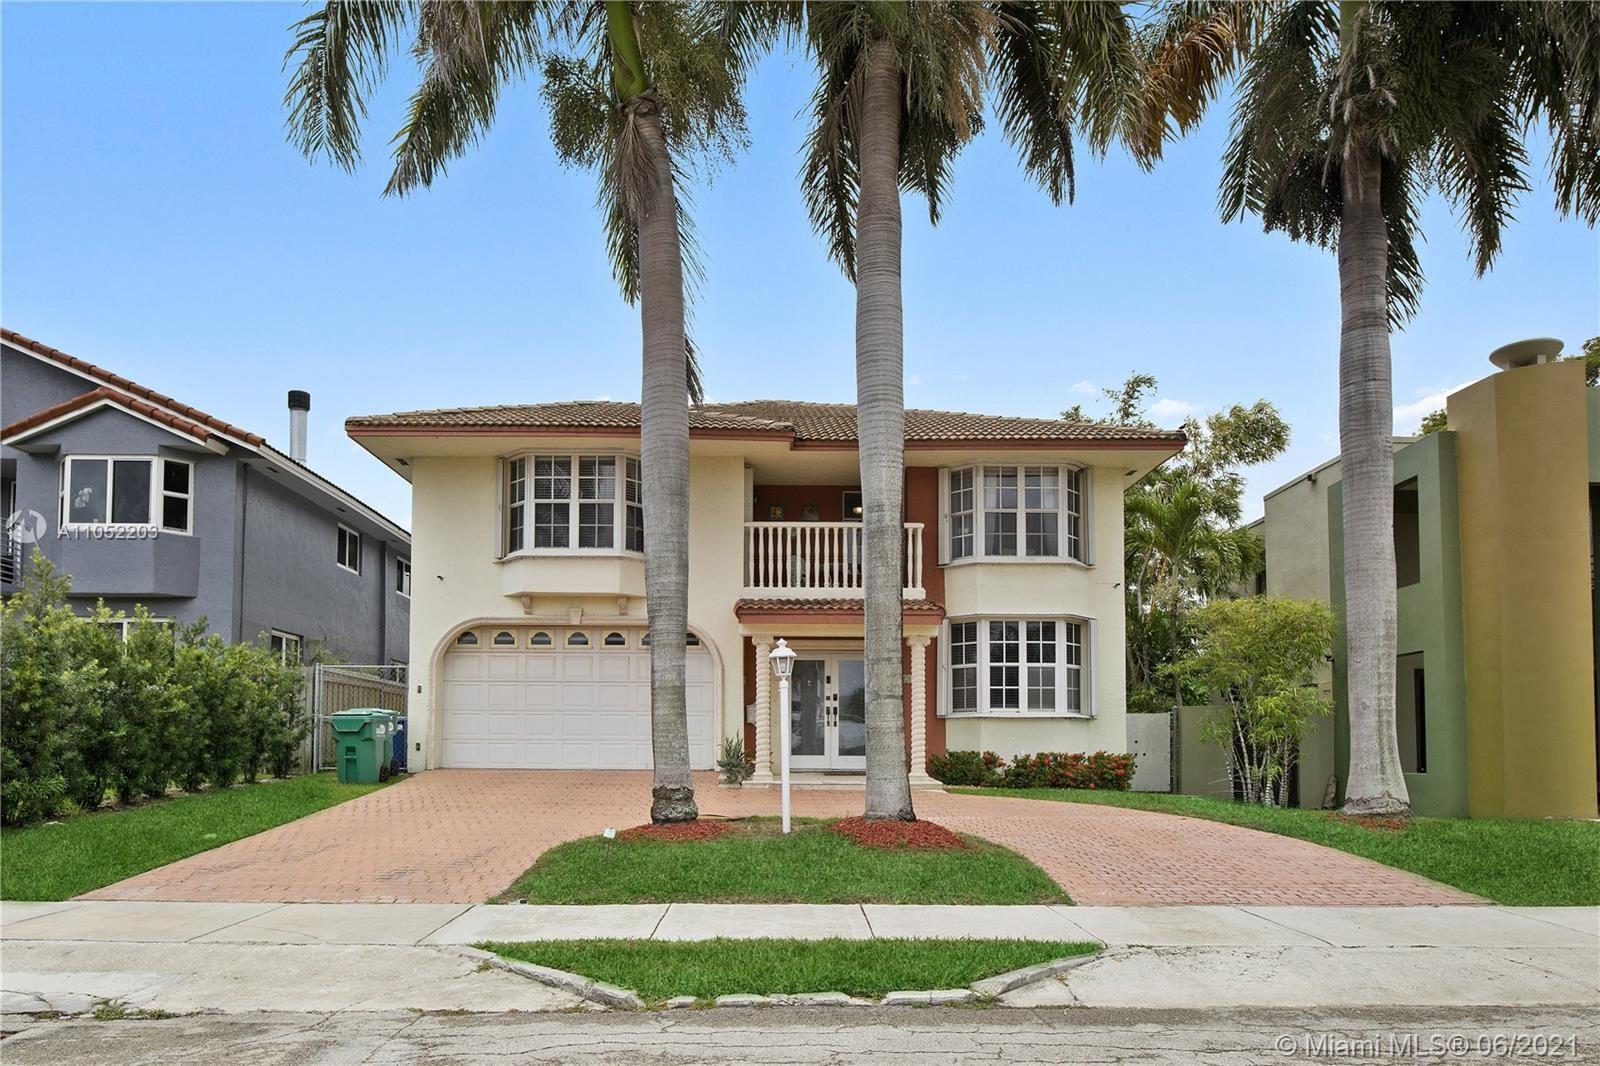 1230 NE 89th St, Miami, FL 33138 - #: A11052203